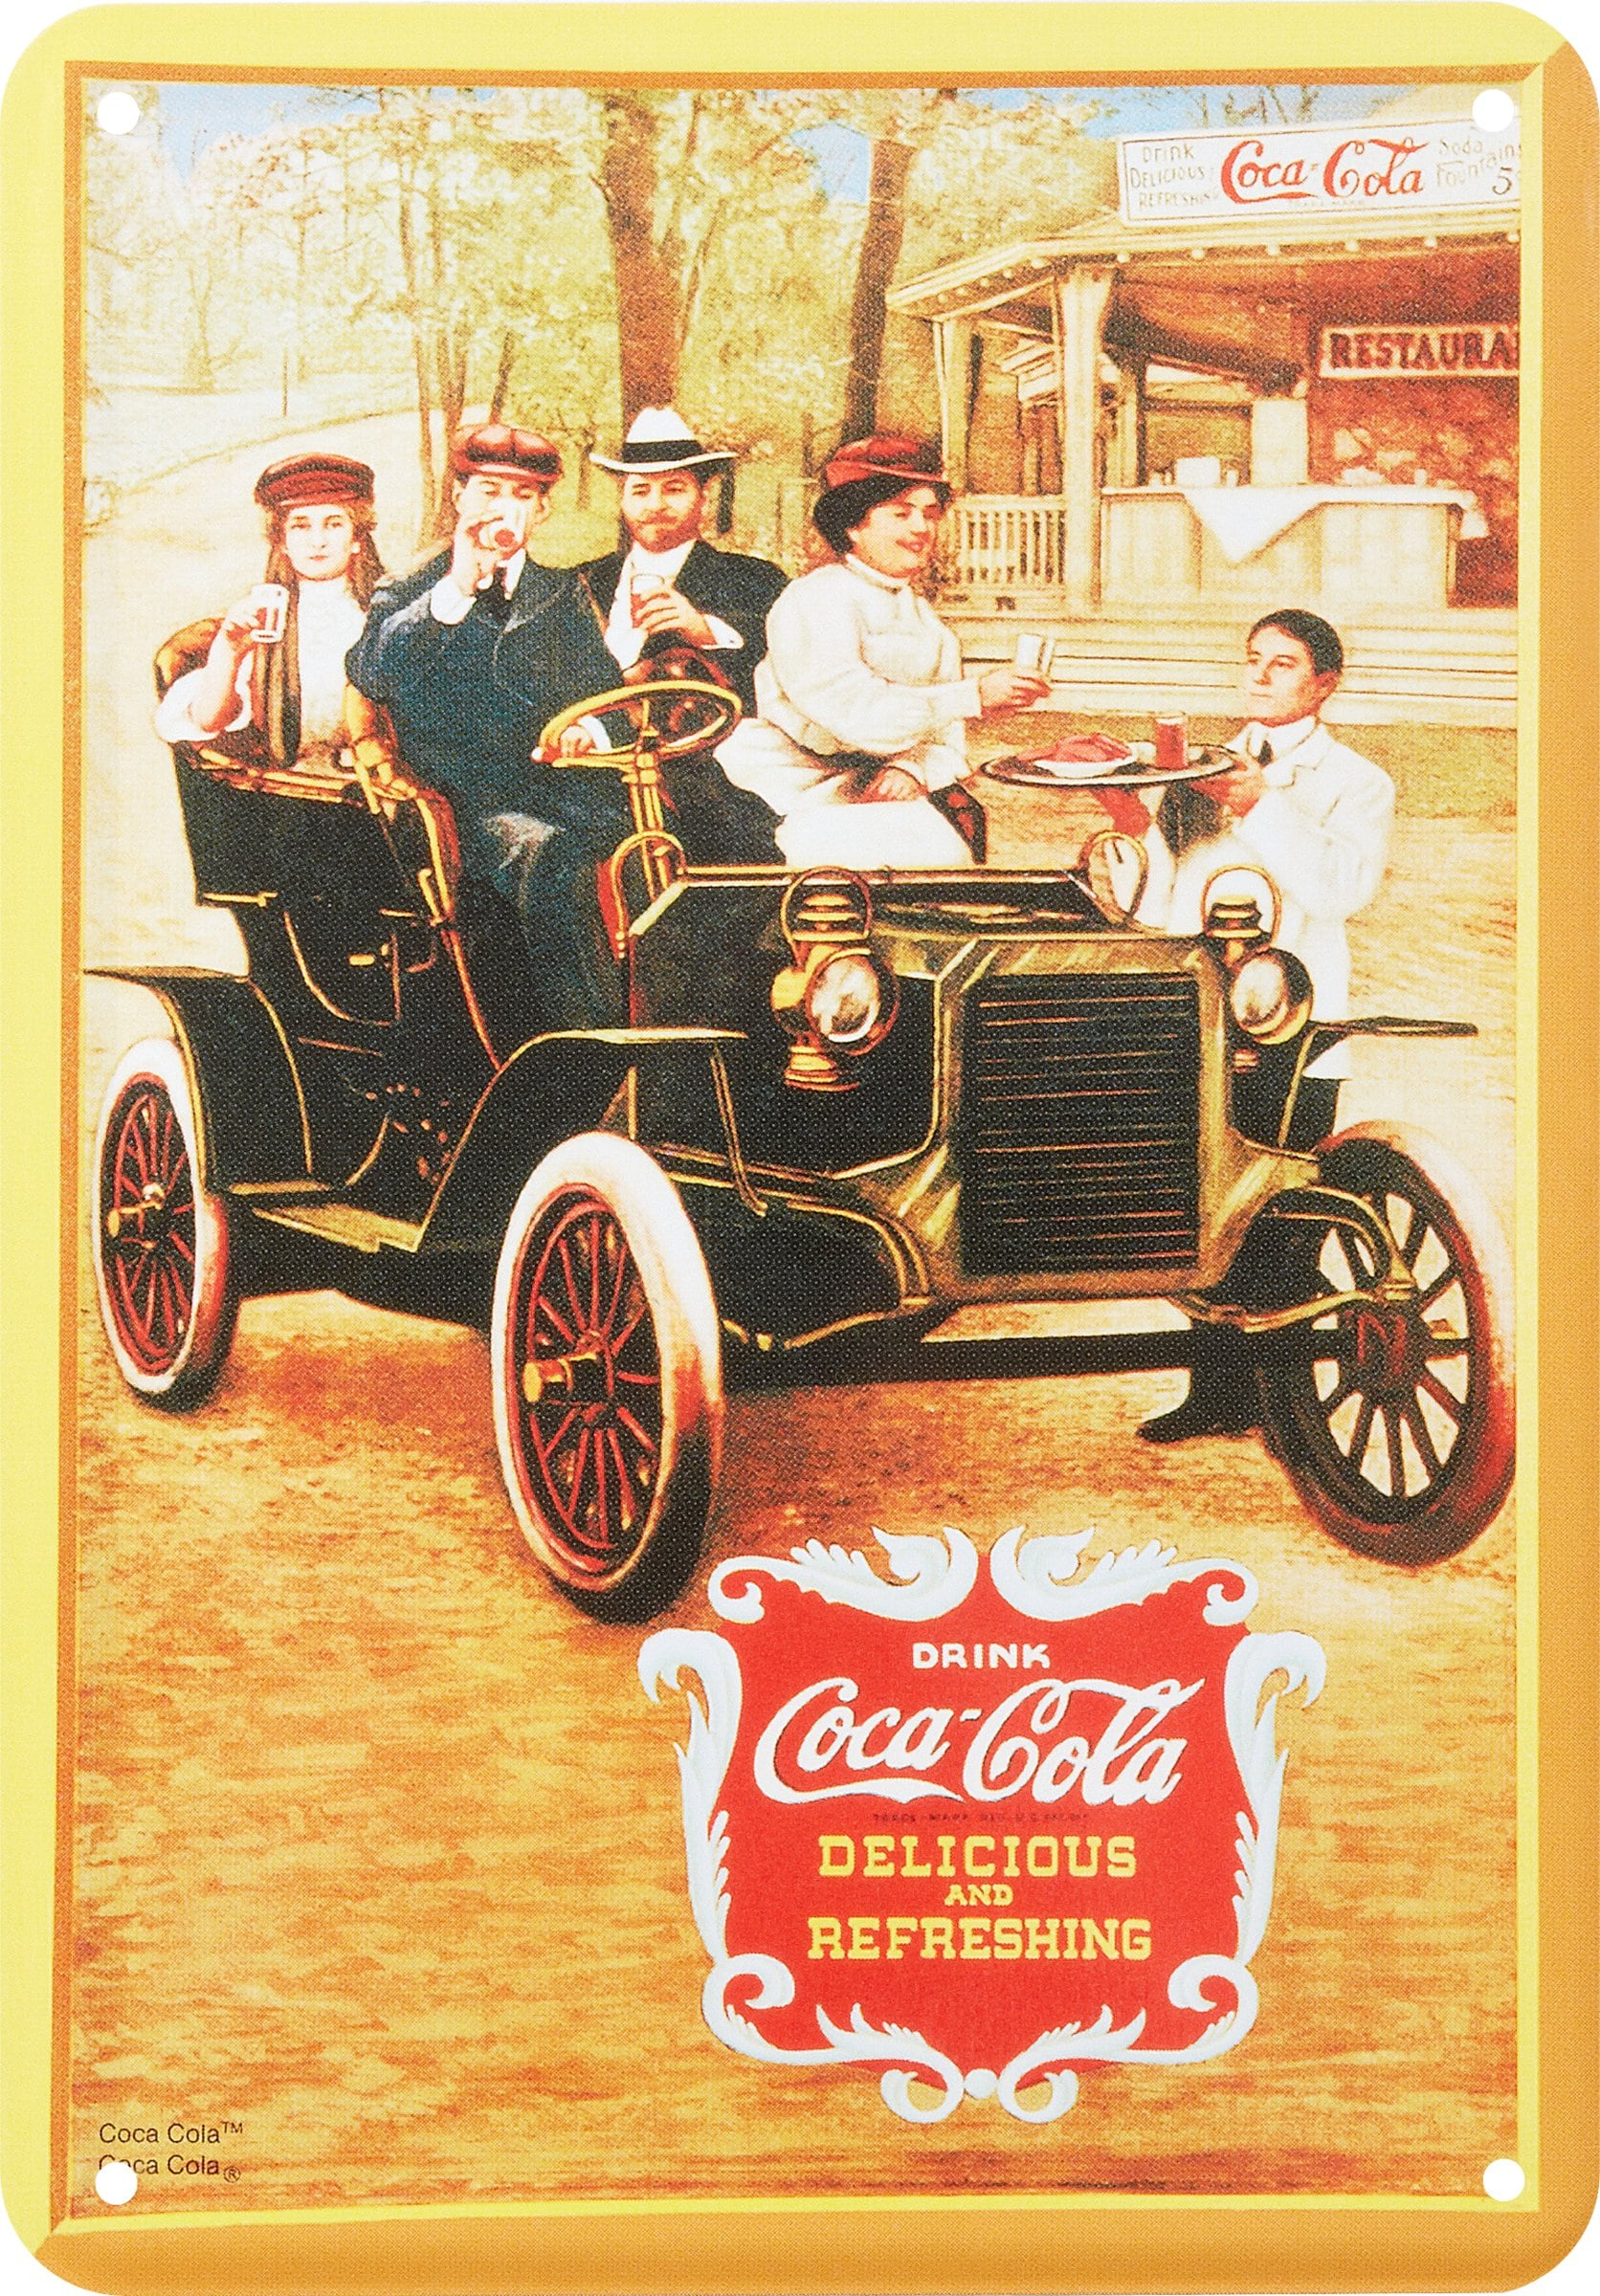 Lamiera Coca Cola Delicious and Refreshing